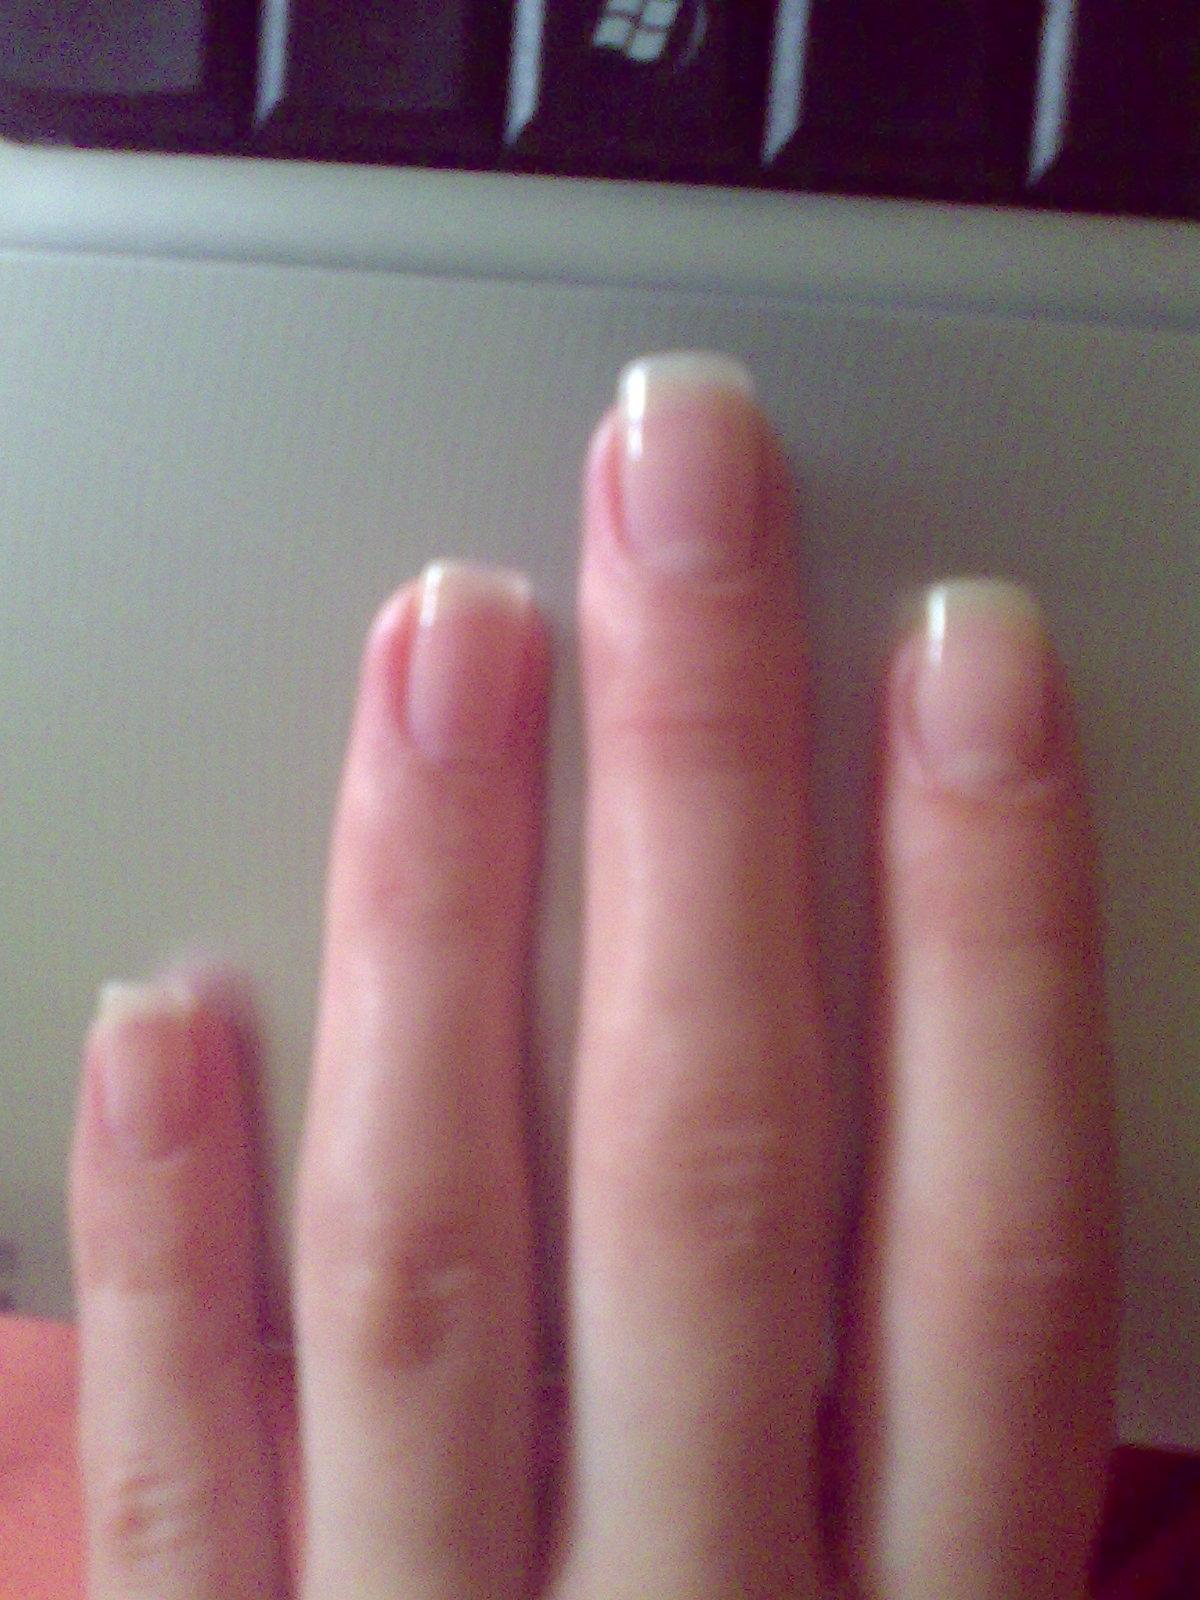 Форма ногтей мягкий квадрат на короткие ногти фото